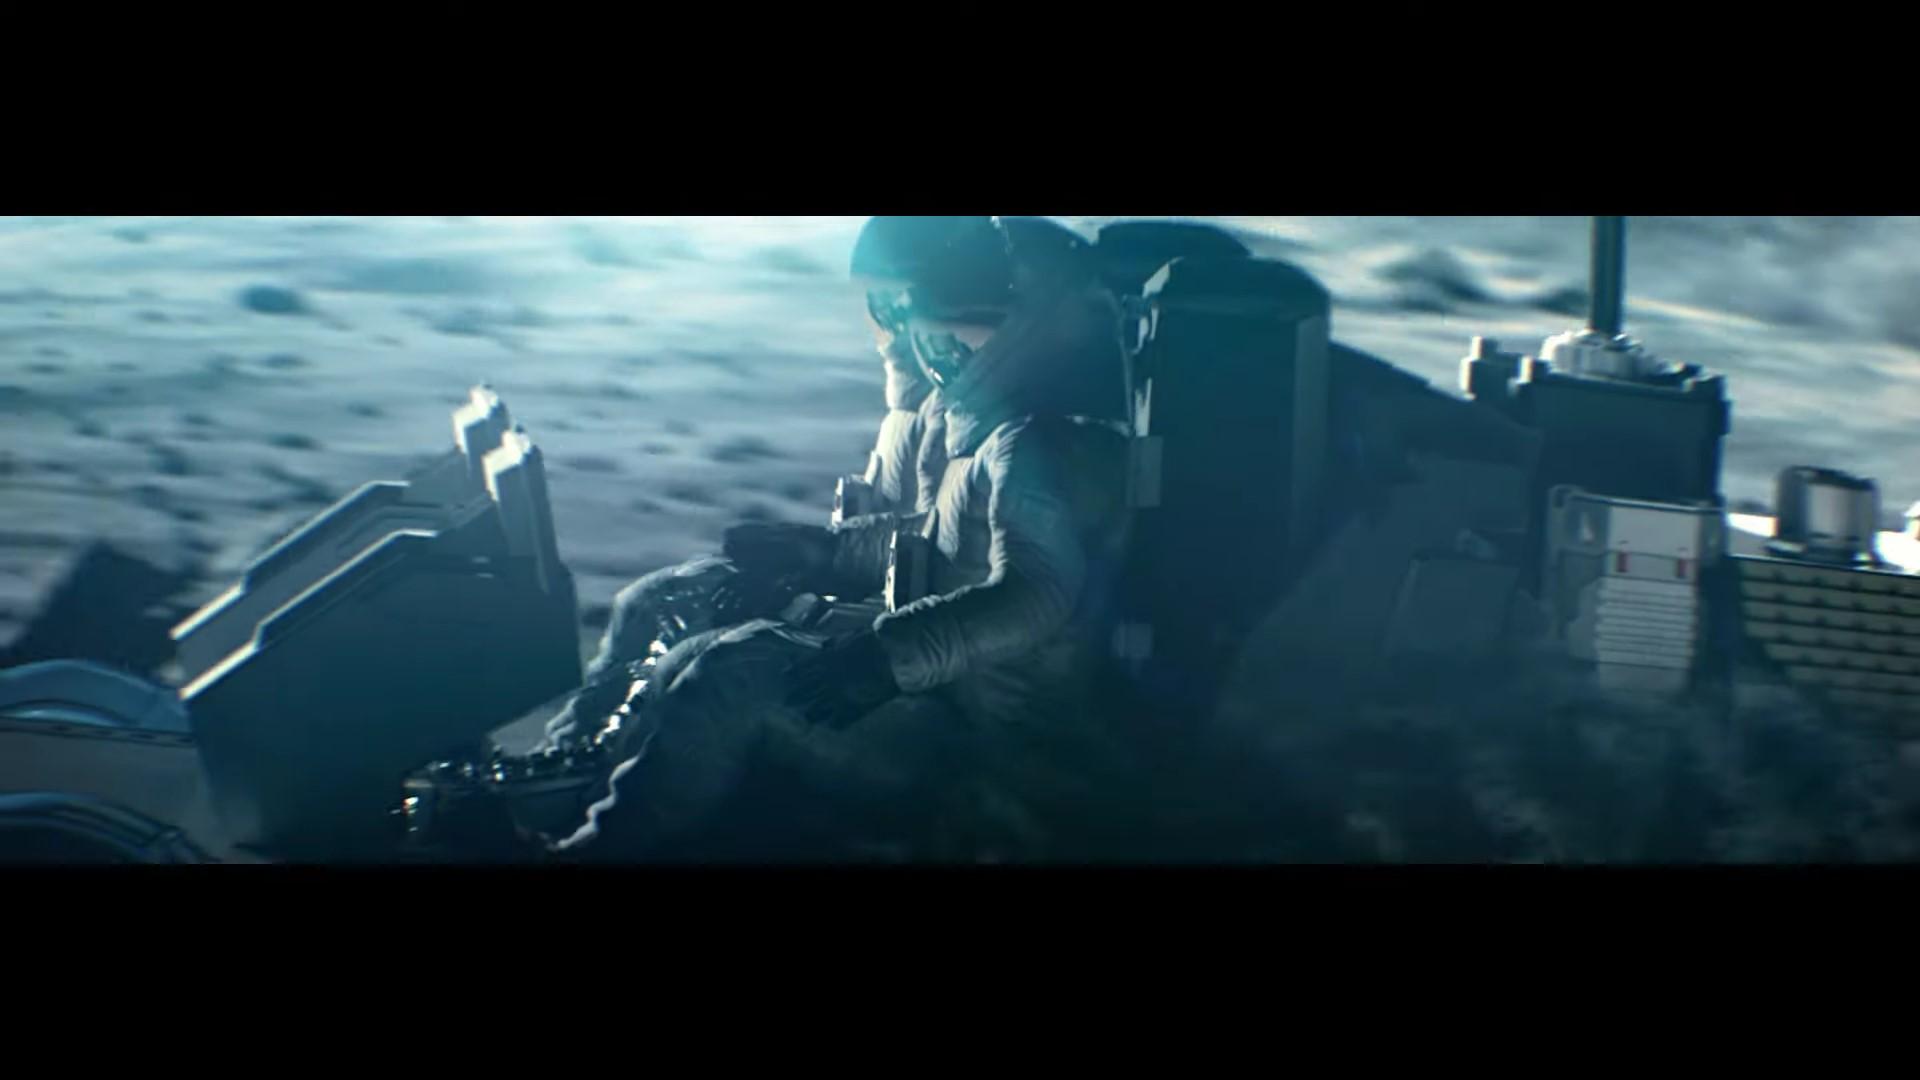 جنرال موتورز - مركبة روفر القمرية